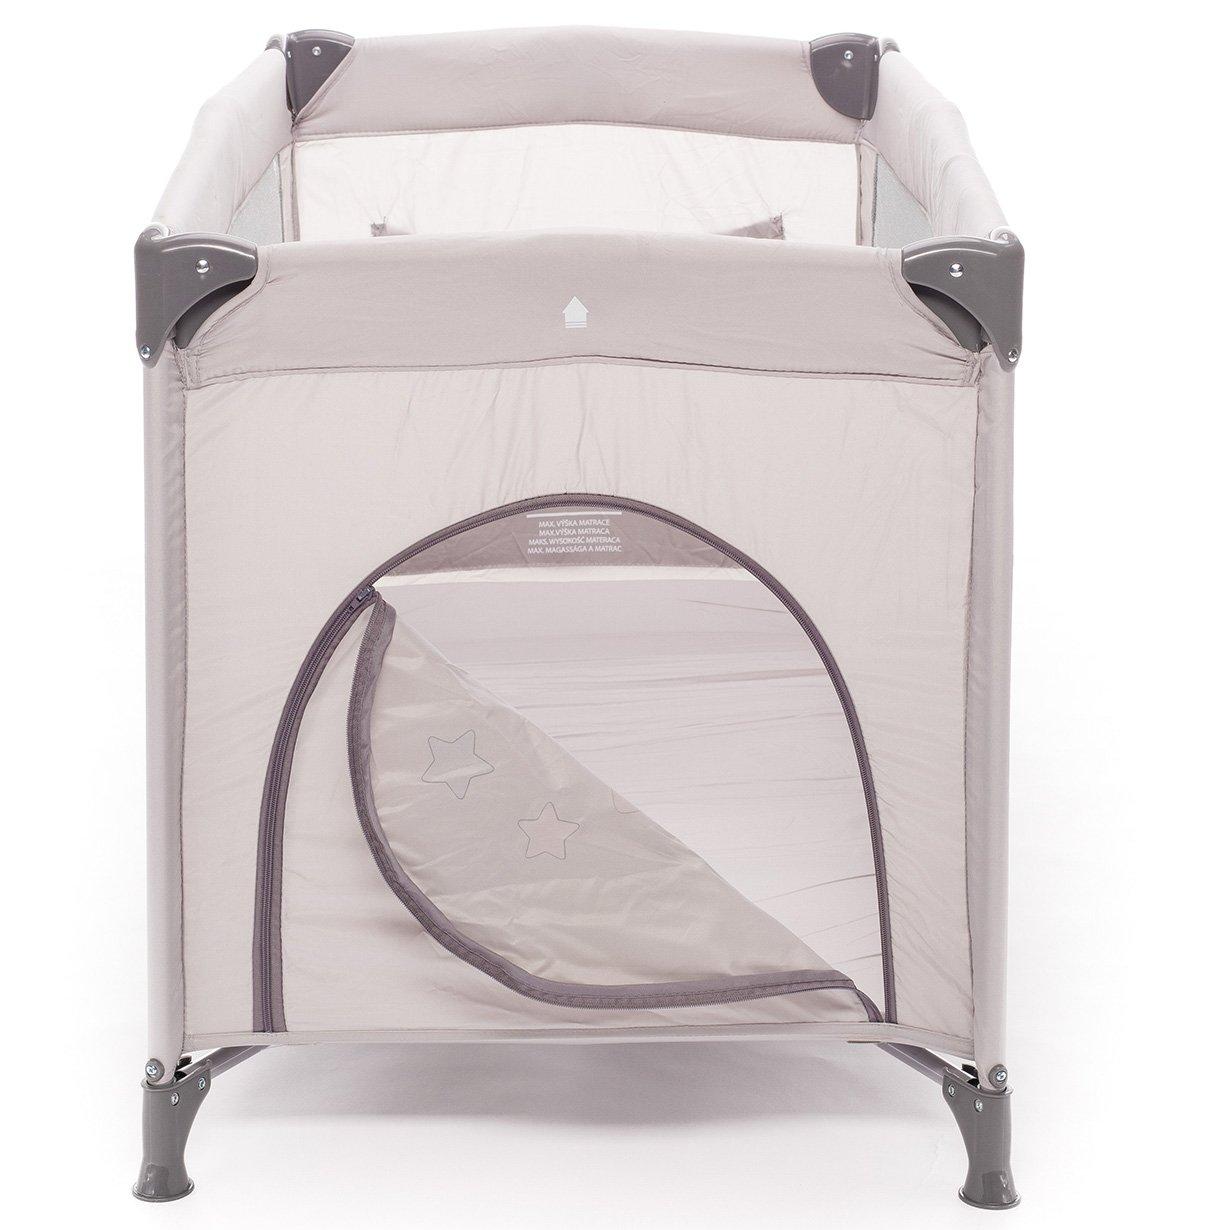 klappbarer Kinderreisebett mit R/ädern mit Schlupfloch und praktischer Ablagetasche Animal Beige inkl ZOPA Kinderreisebett Camping 2 120 x 60 cm Reisebettmatratze